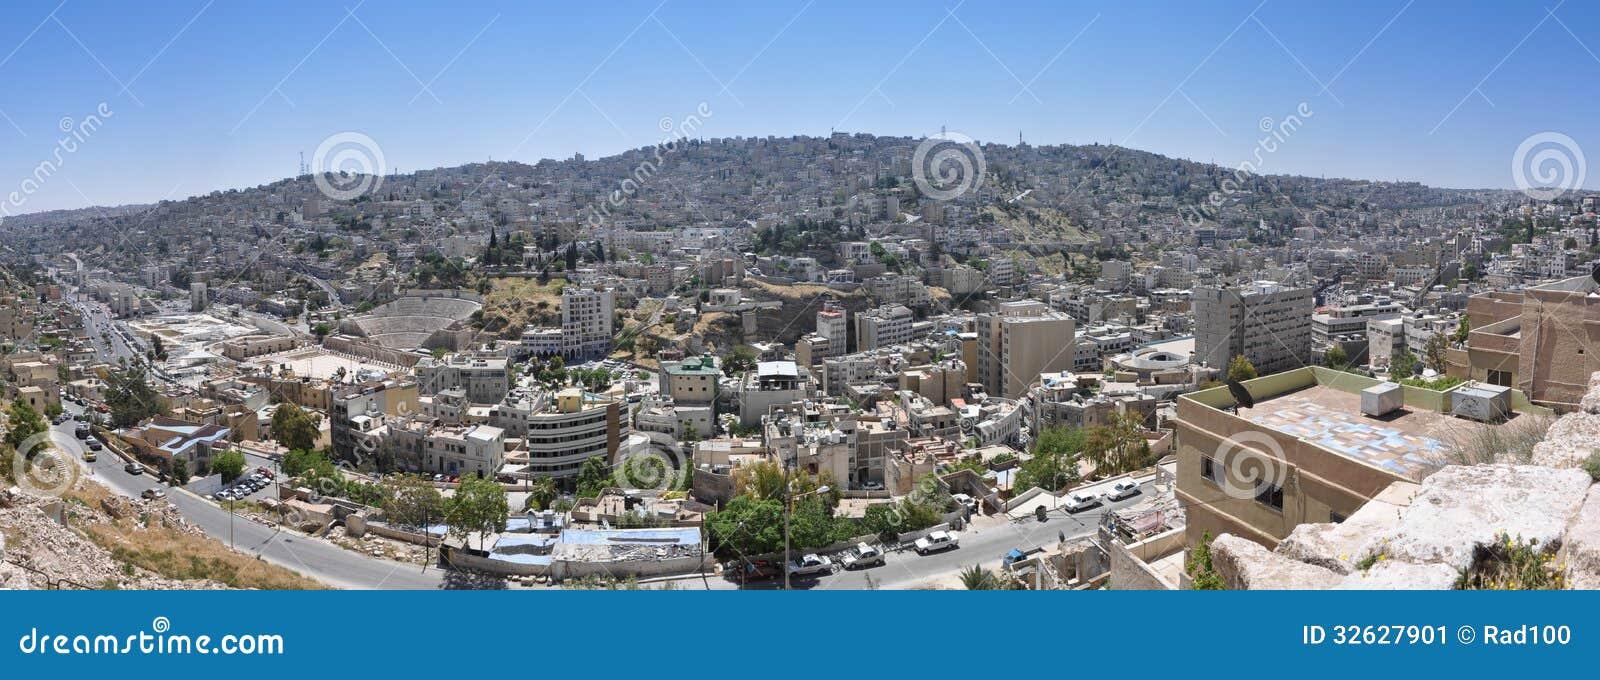 amman die hauptstadt von jordanien stockbild bild 32627901. Black Bedroom Furniture Sets. Home Design Ideas